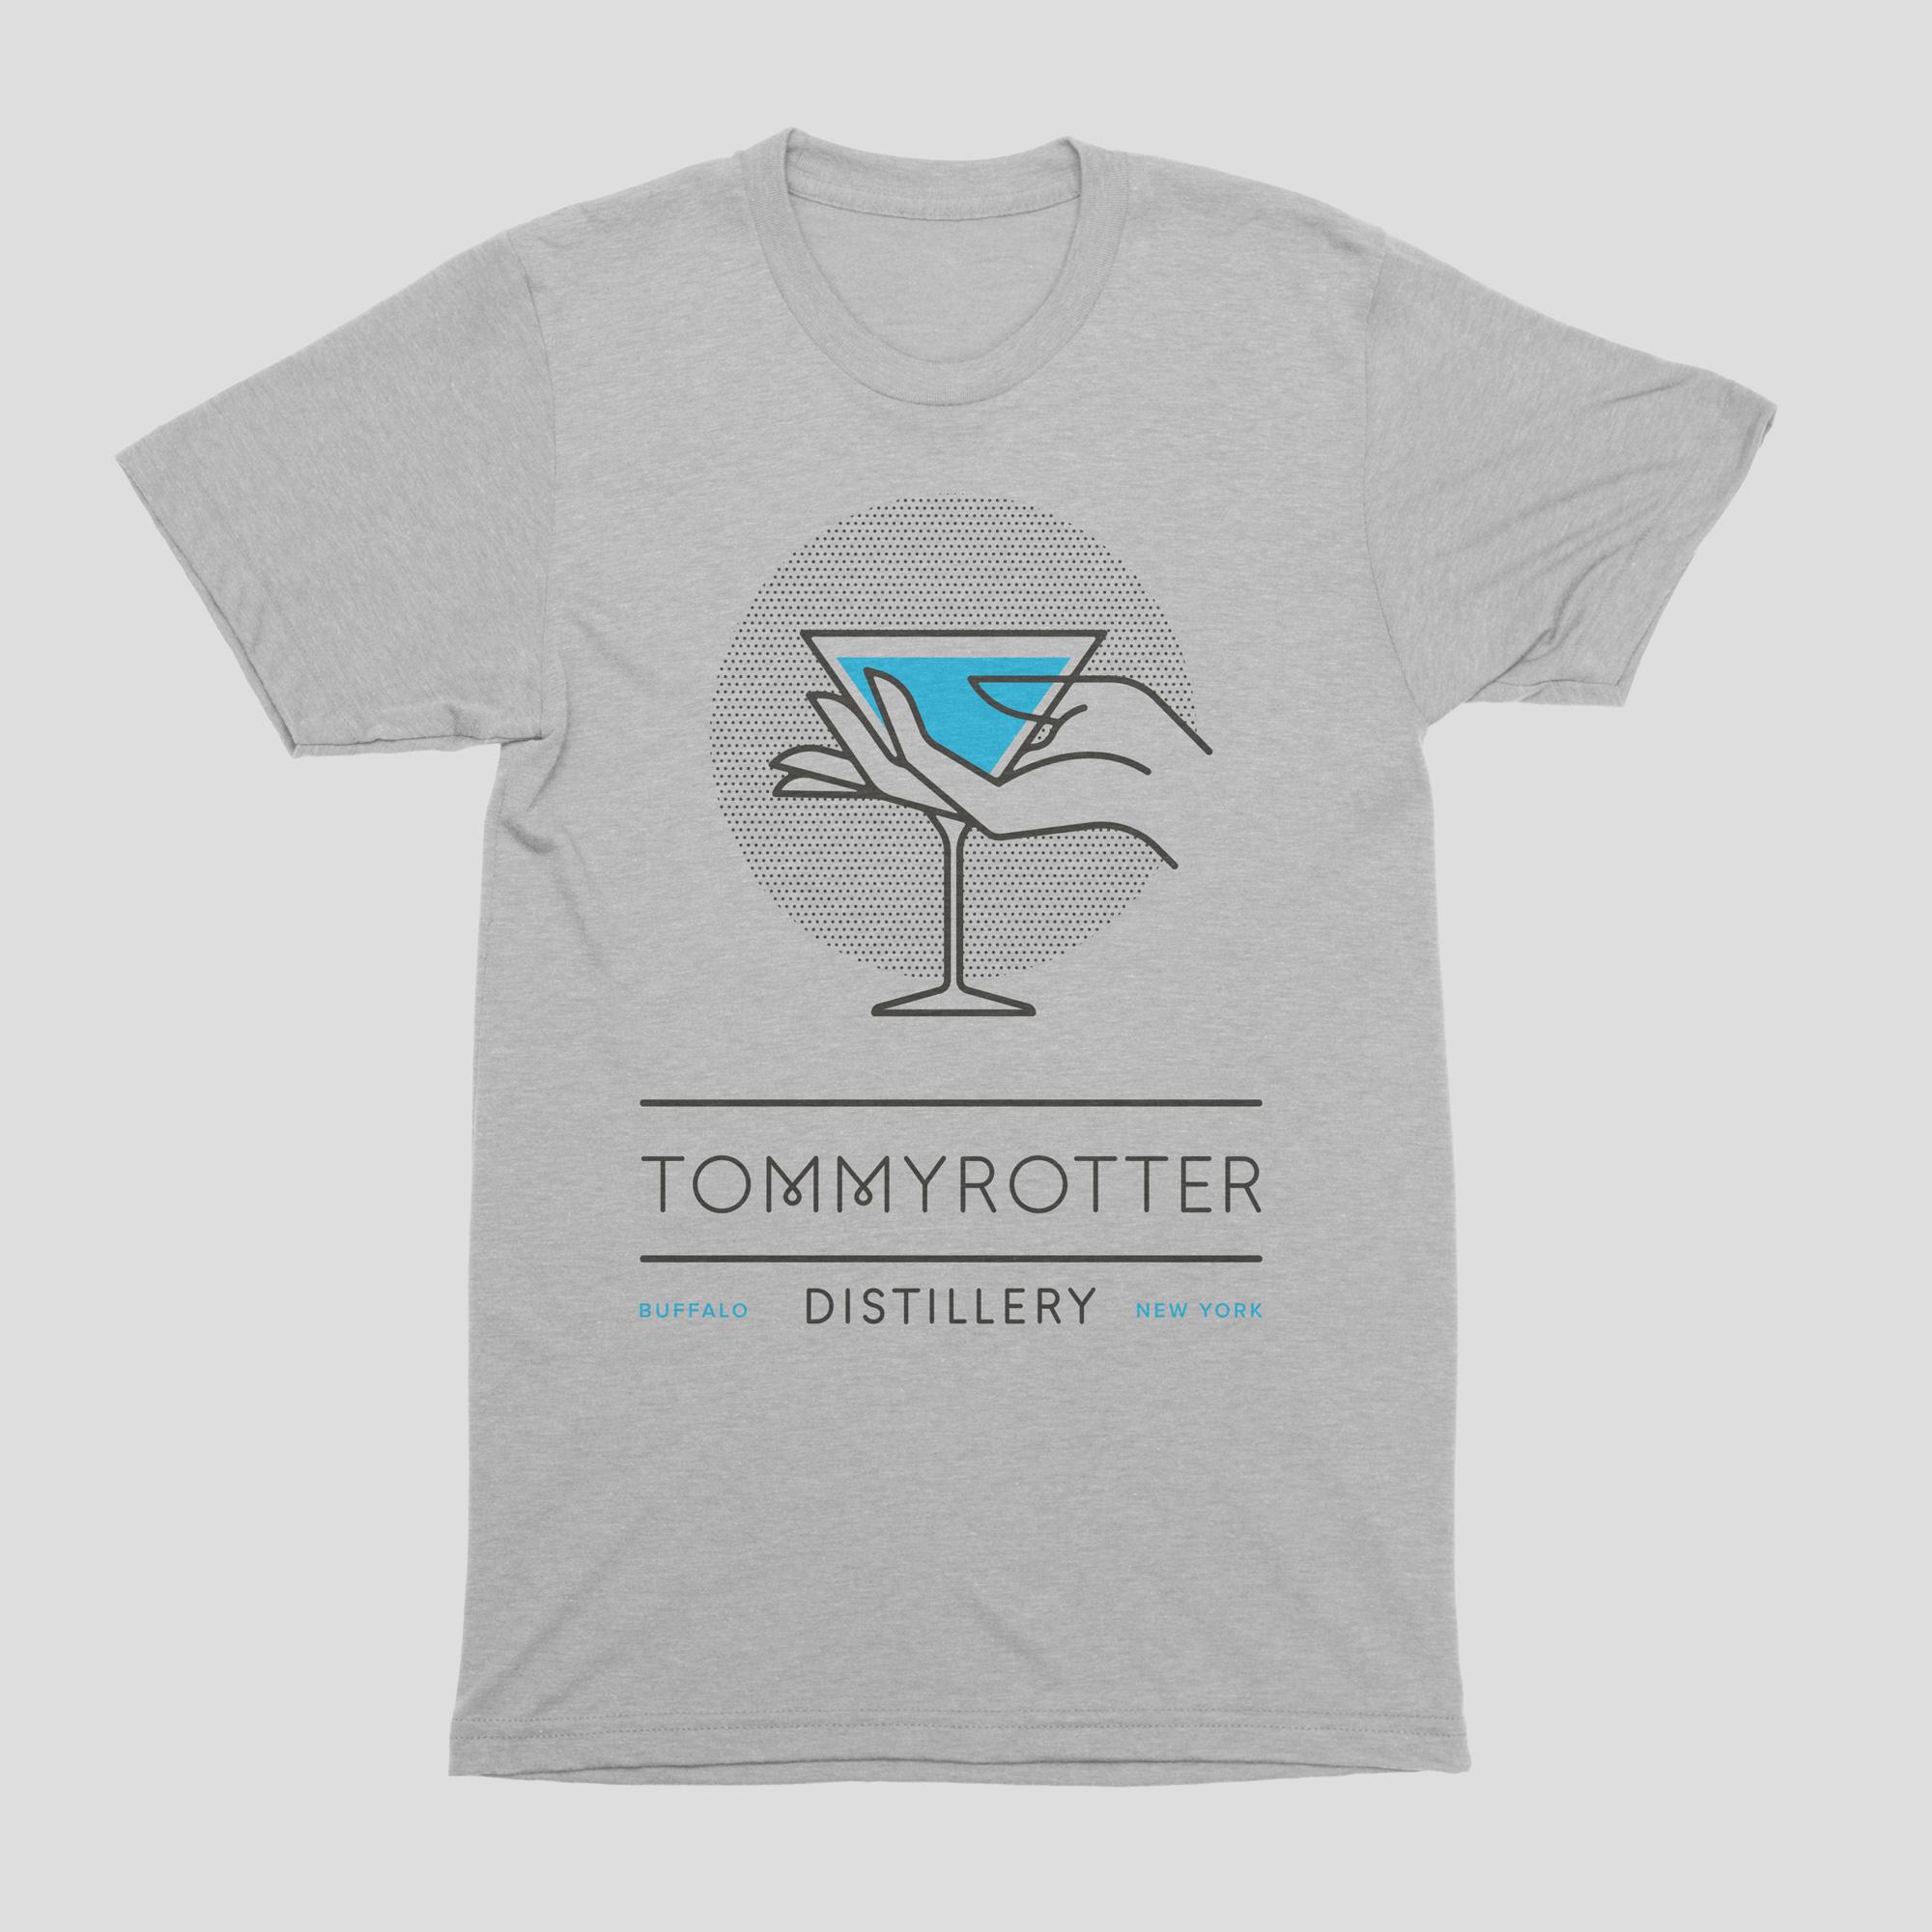 Tommyrotter1